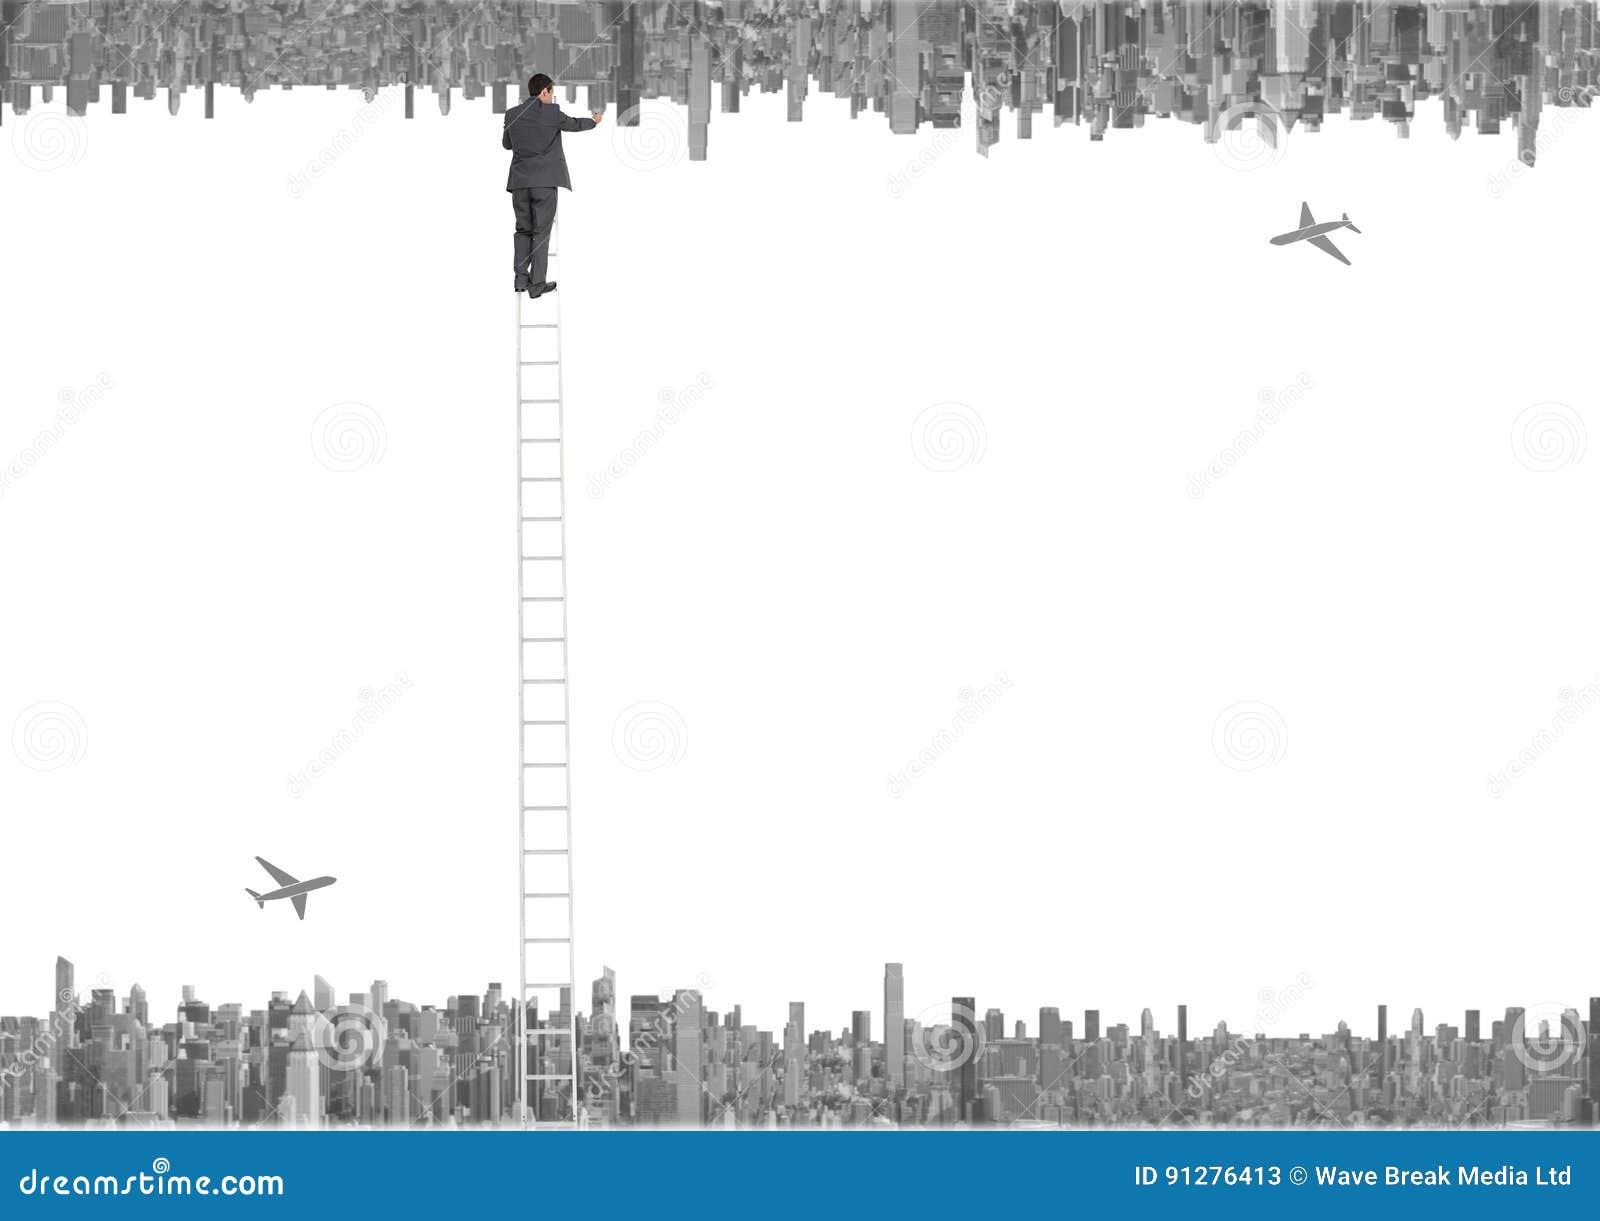 Upp för sida stad ner nivåer och affärsmän med stegen som ner korsar till den övre staden